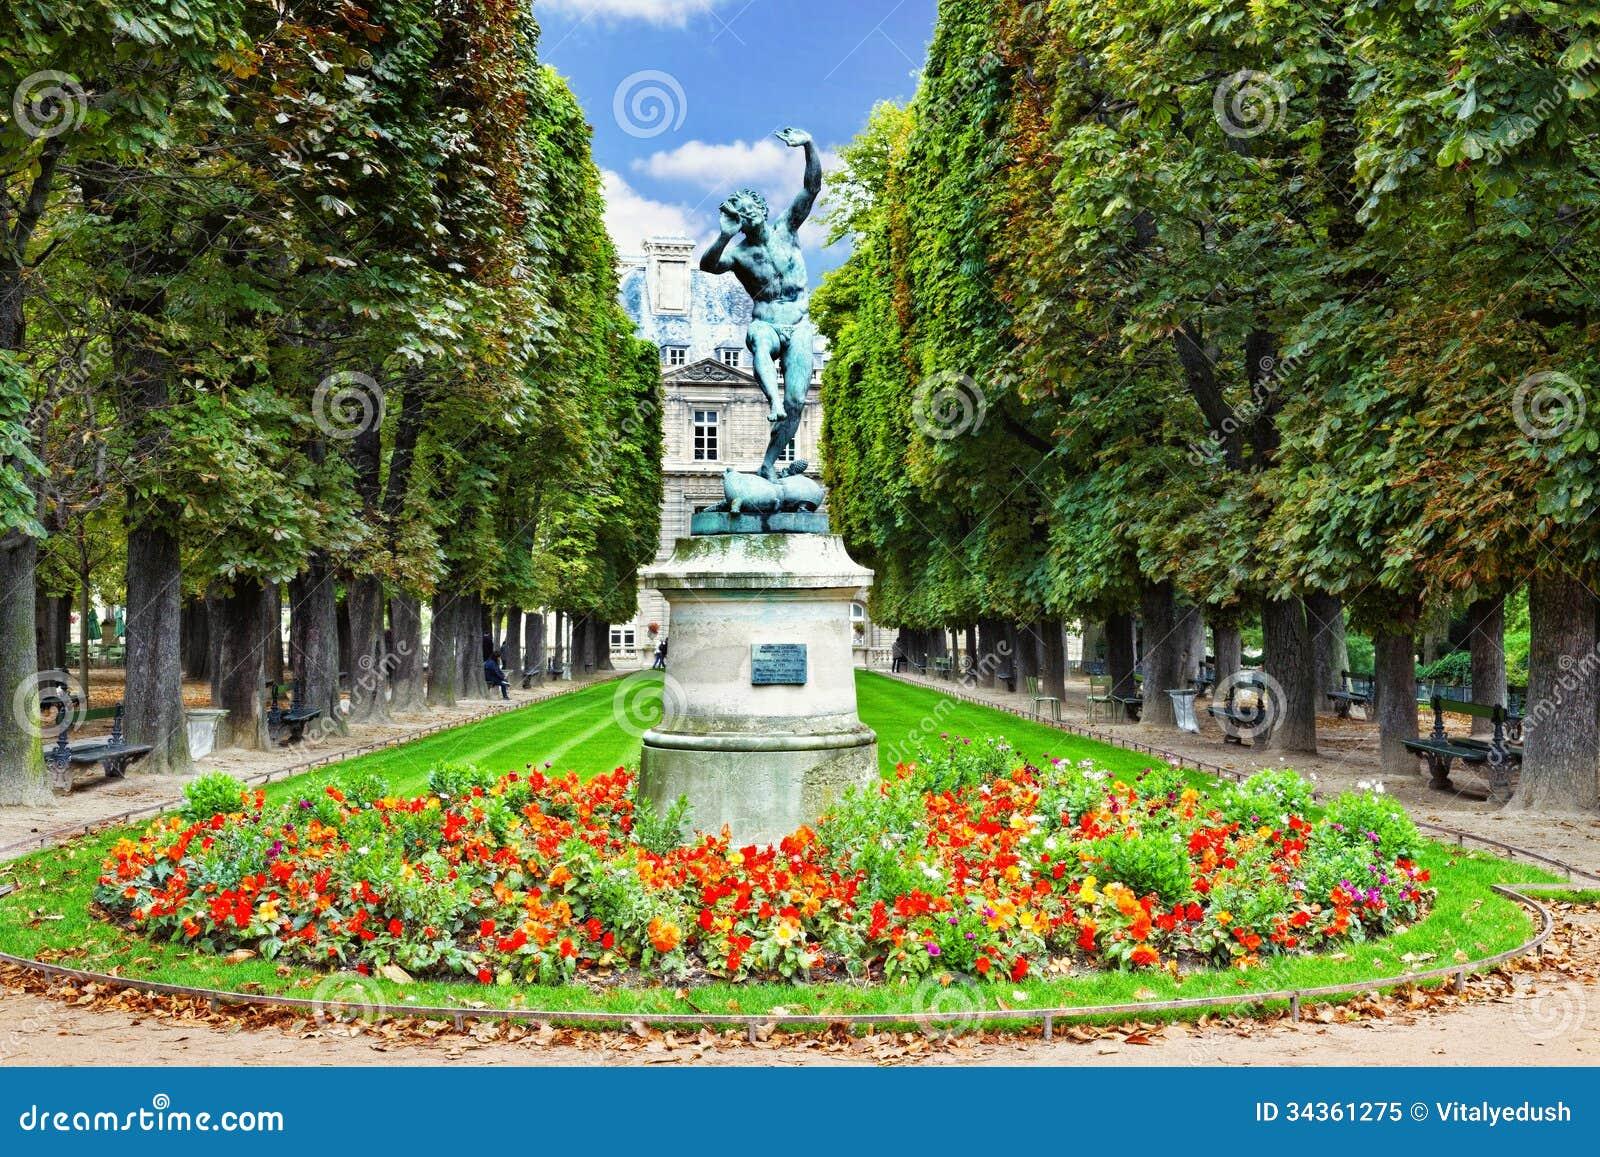 Le faune de danse le luxembourg font du jardinage jardin for Le jardin de france